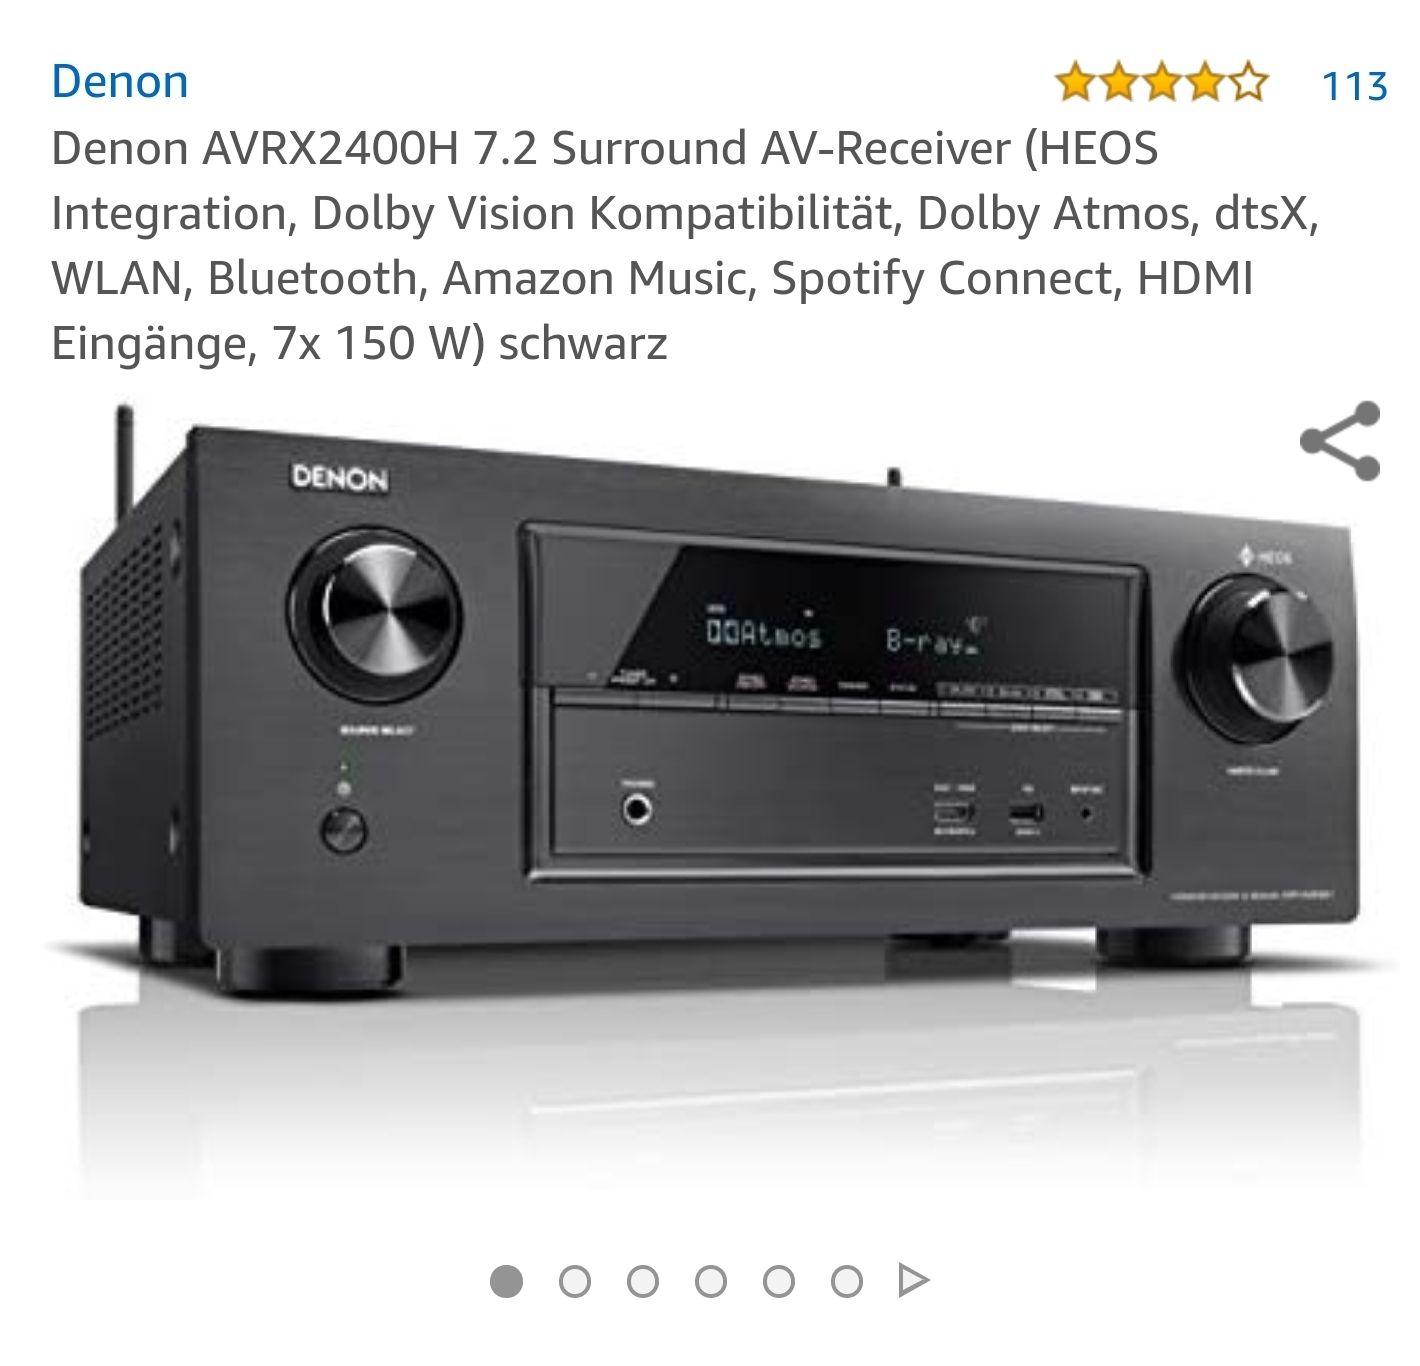 Denon AVR X2400H neuer bestpreis